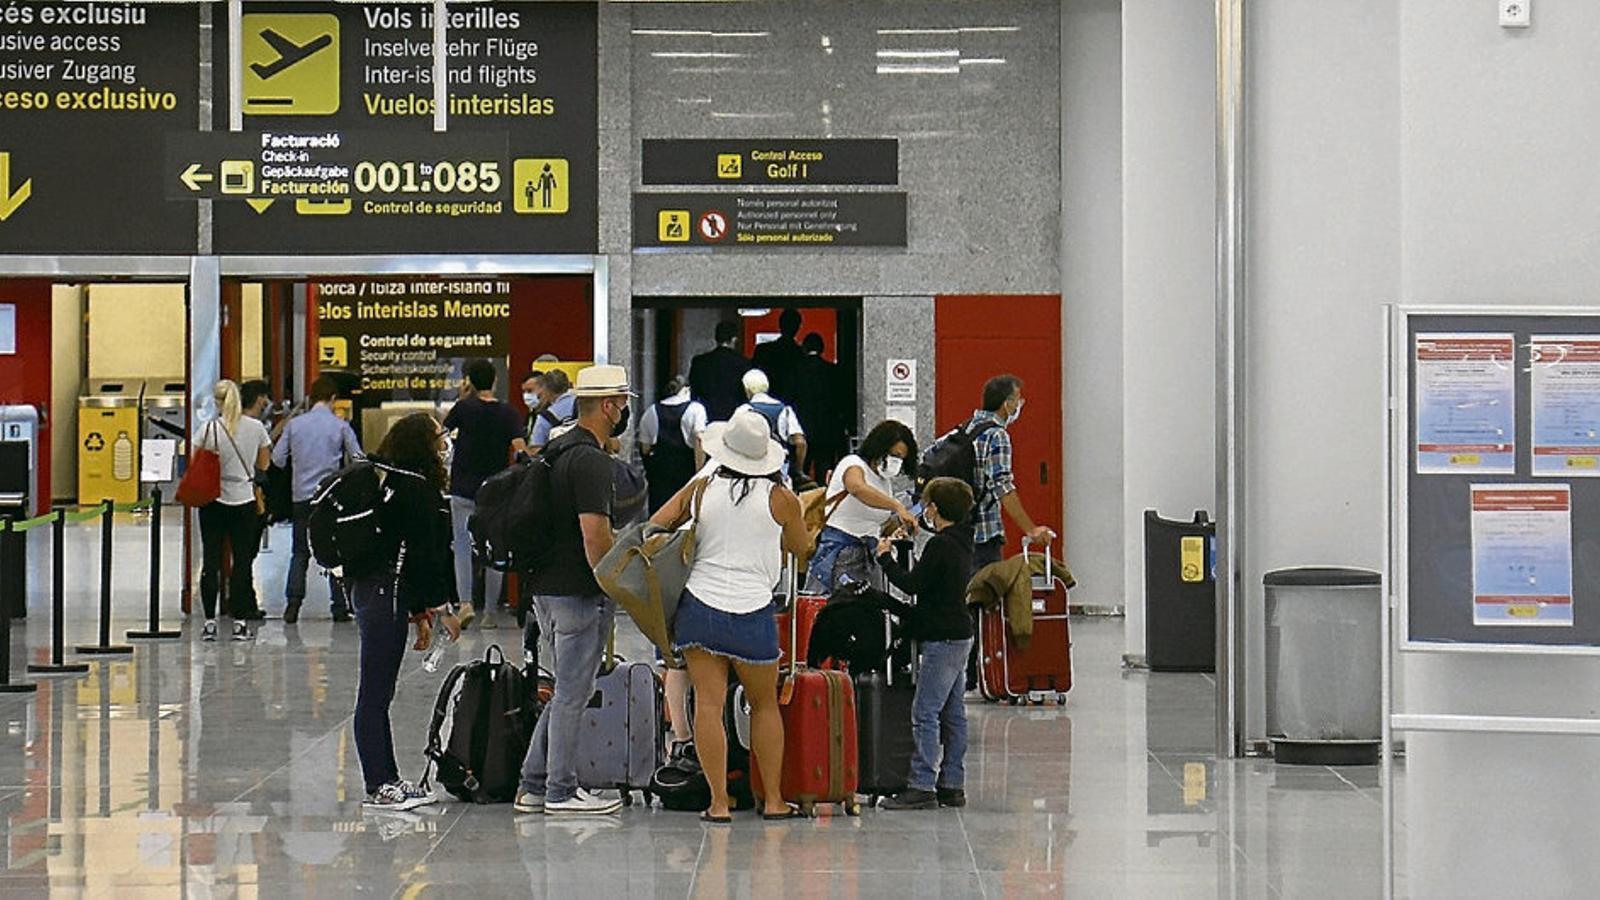 El pla pilot de turisme durà a les Balears 47 vols d'Alemanya: 38 a Mallorca, vuit a Eivissa i un a Menorca